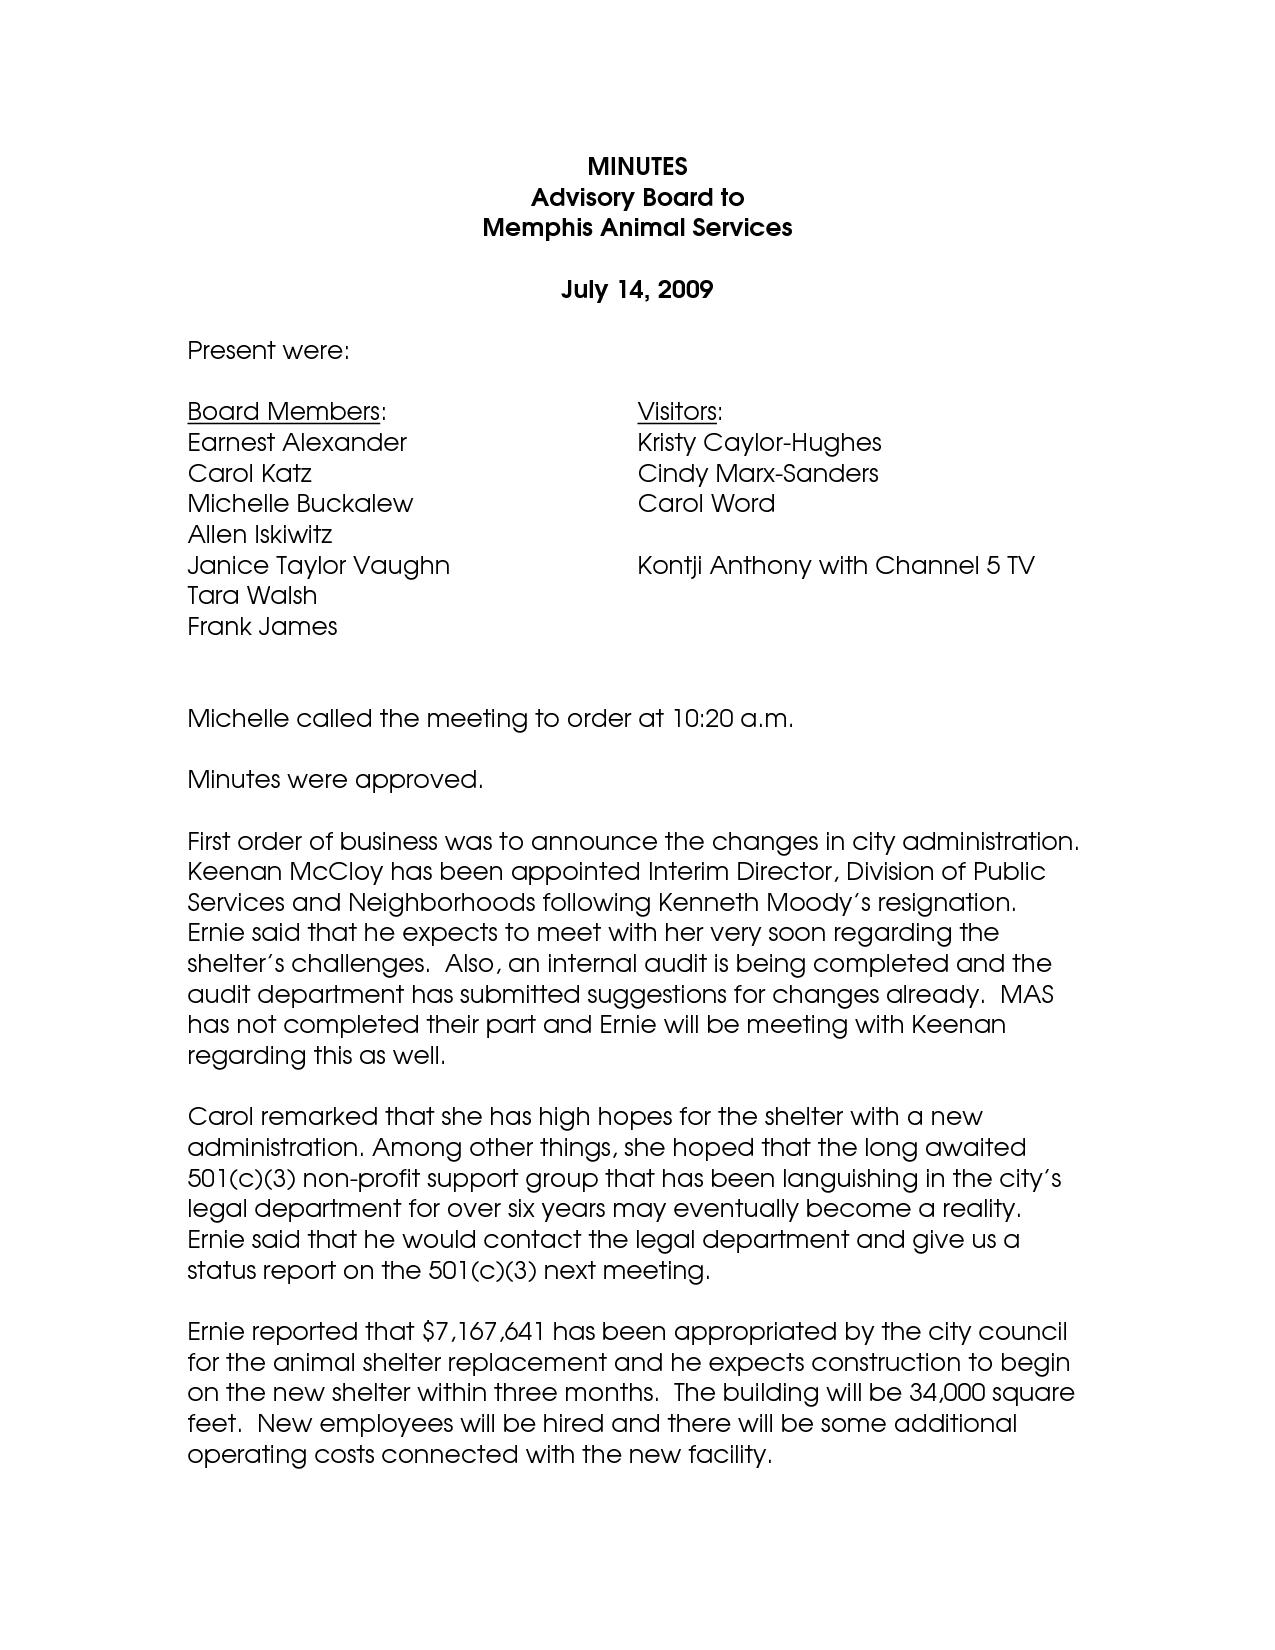 board member resignation letter sample